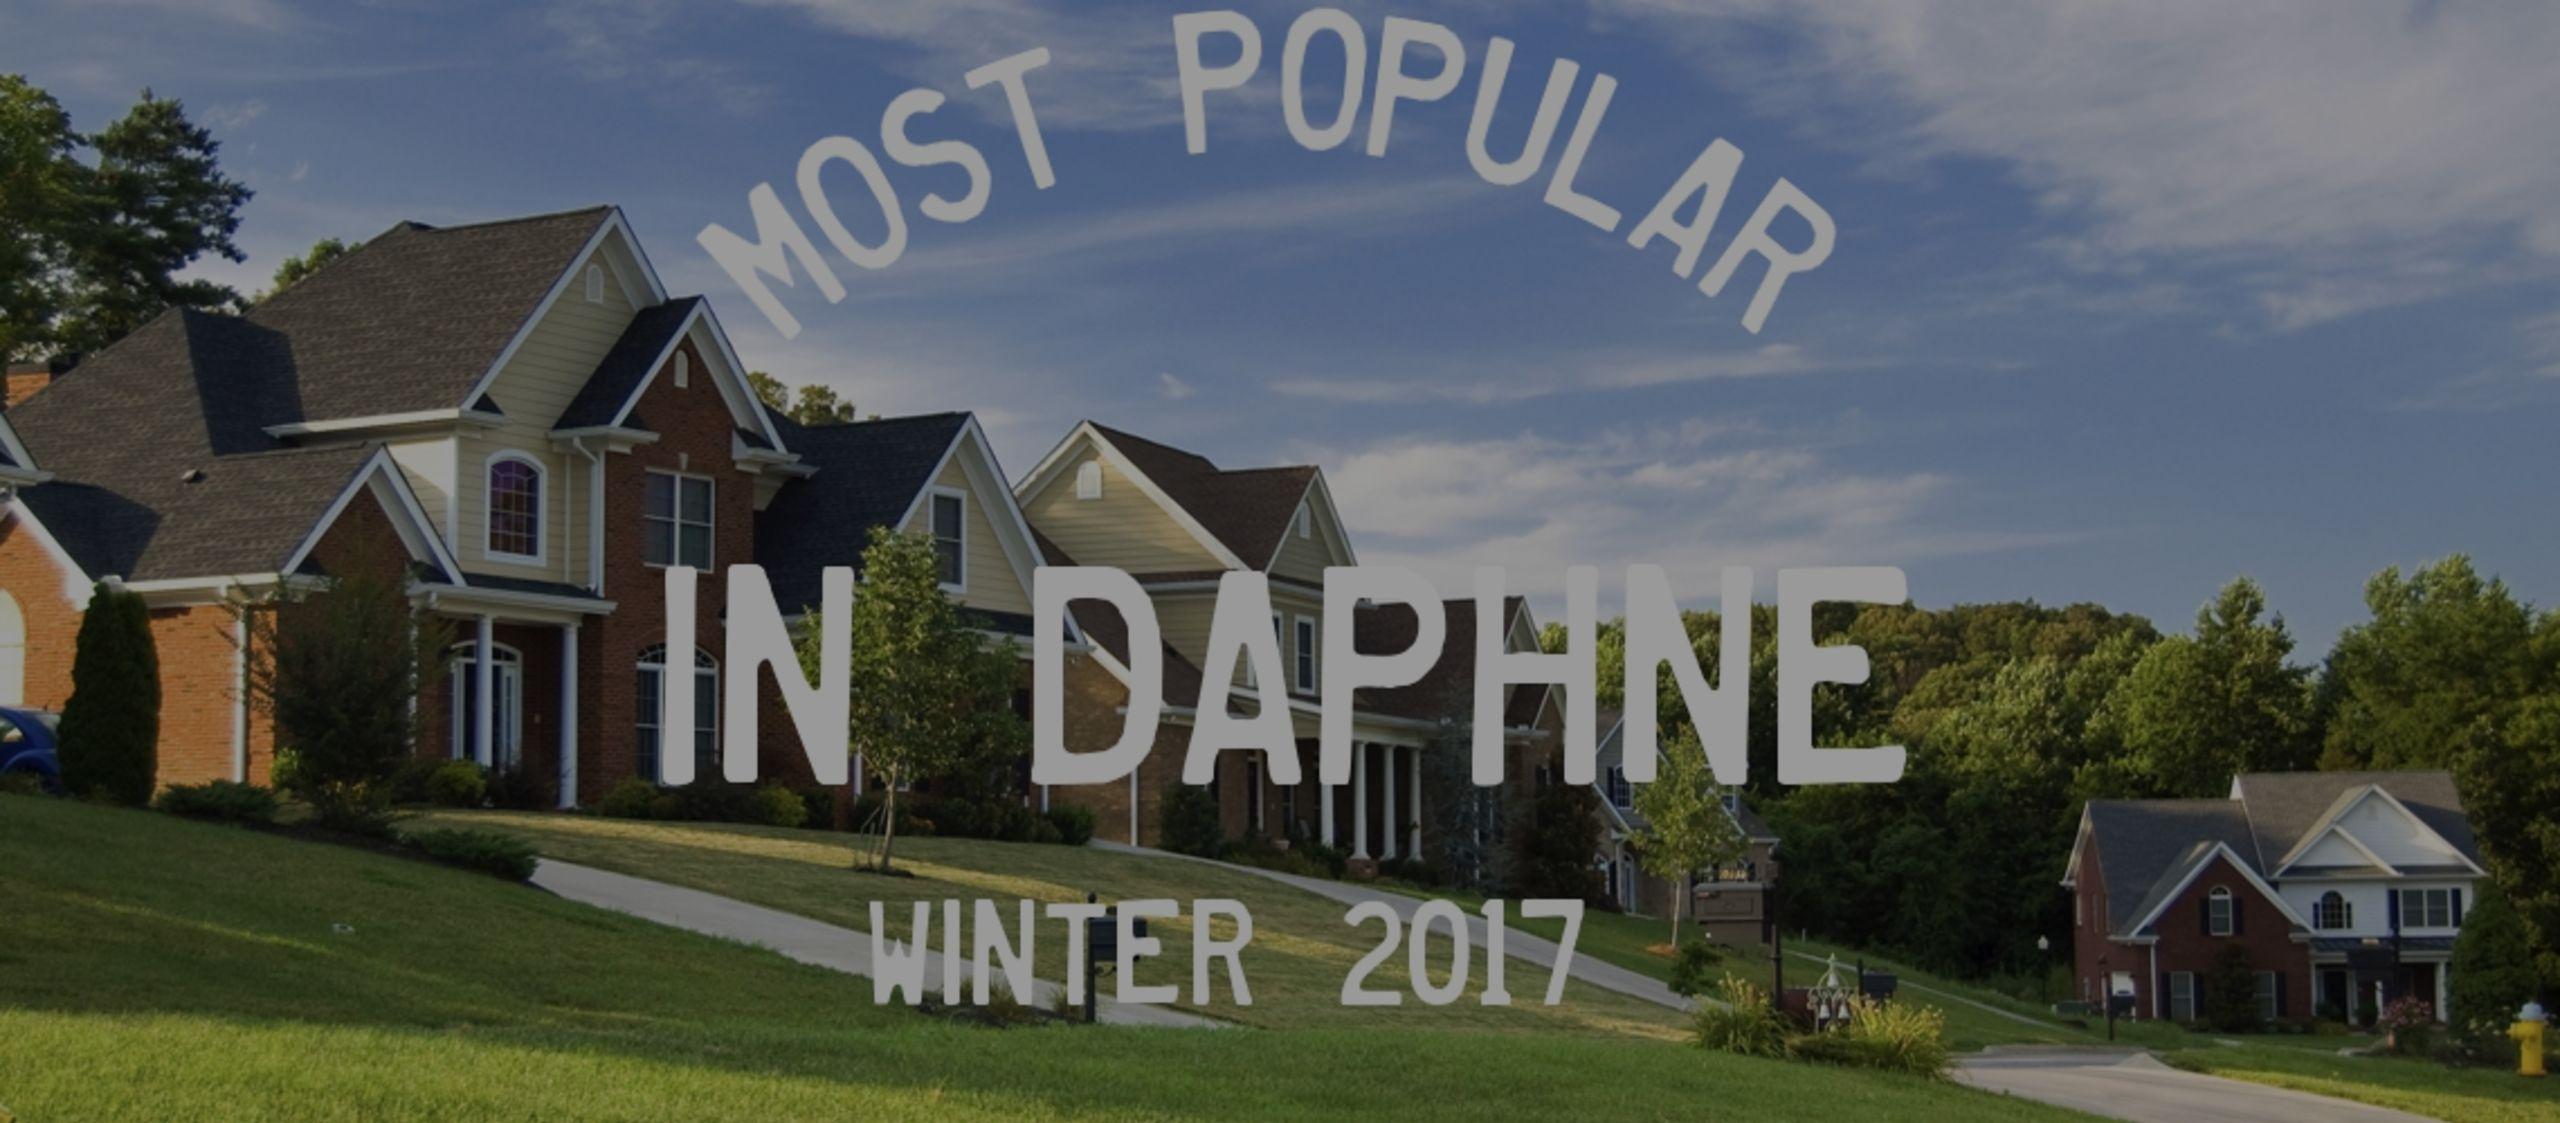 Most Popular Neighborhoods in Daphne AL – Winter 2017